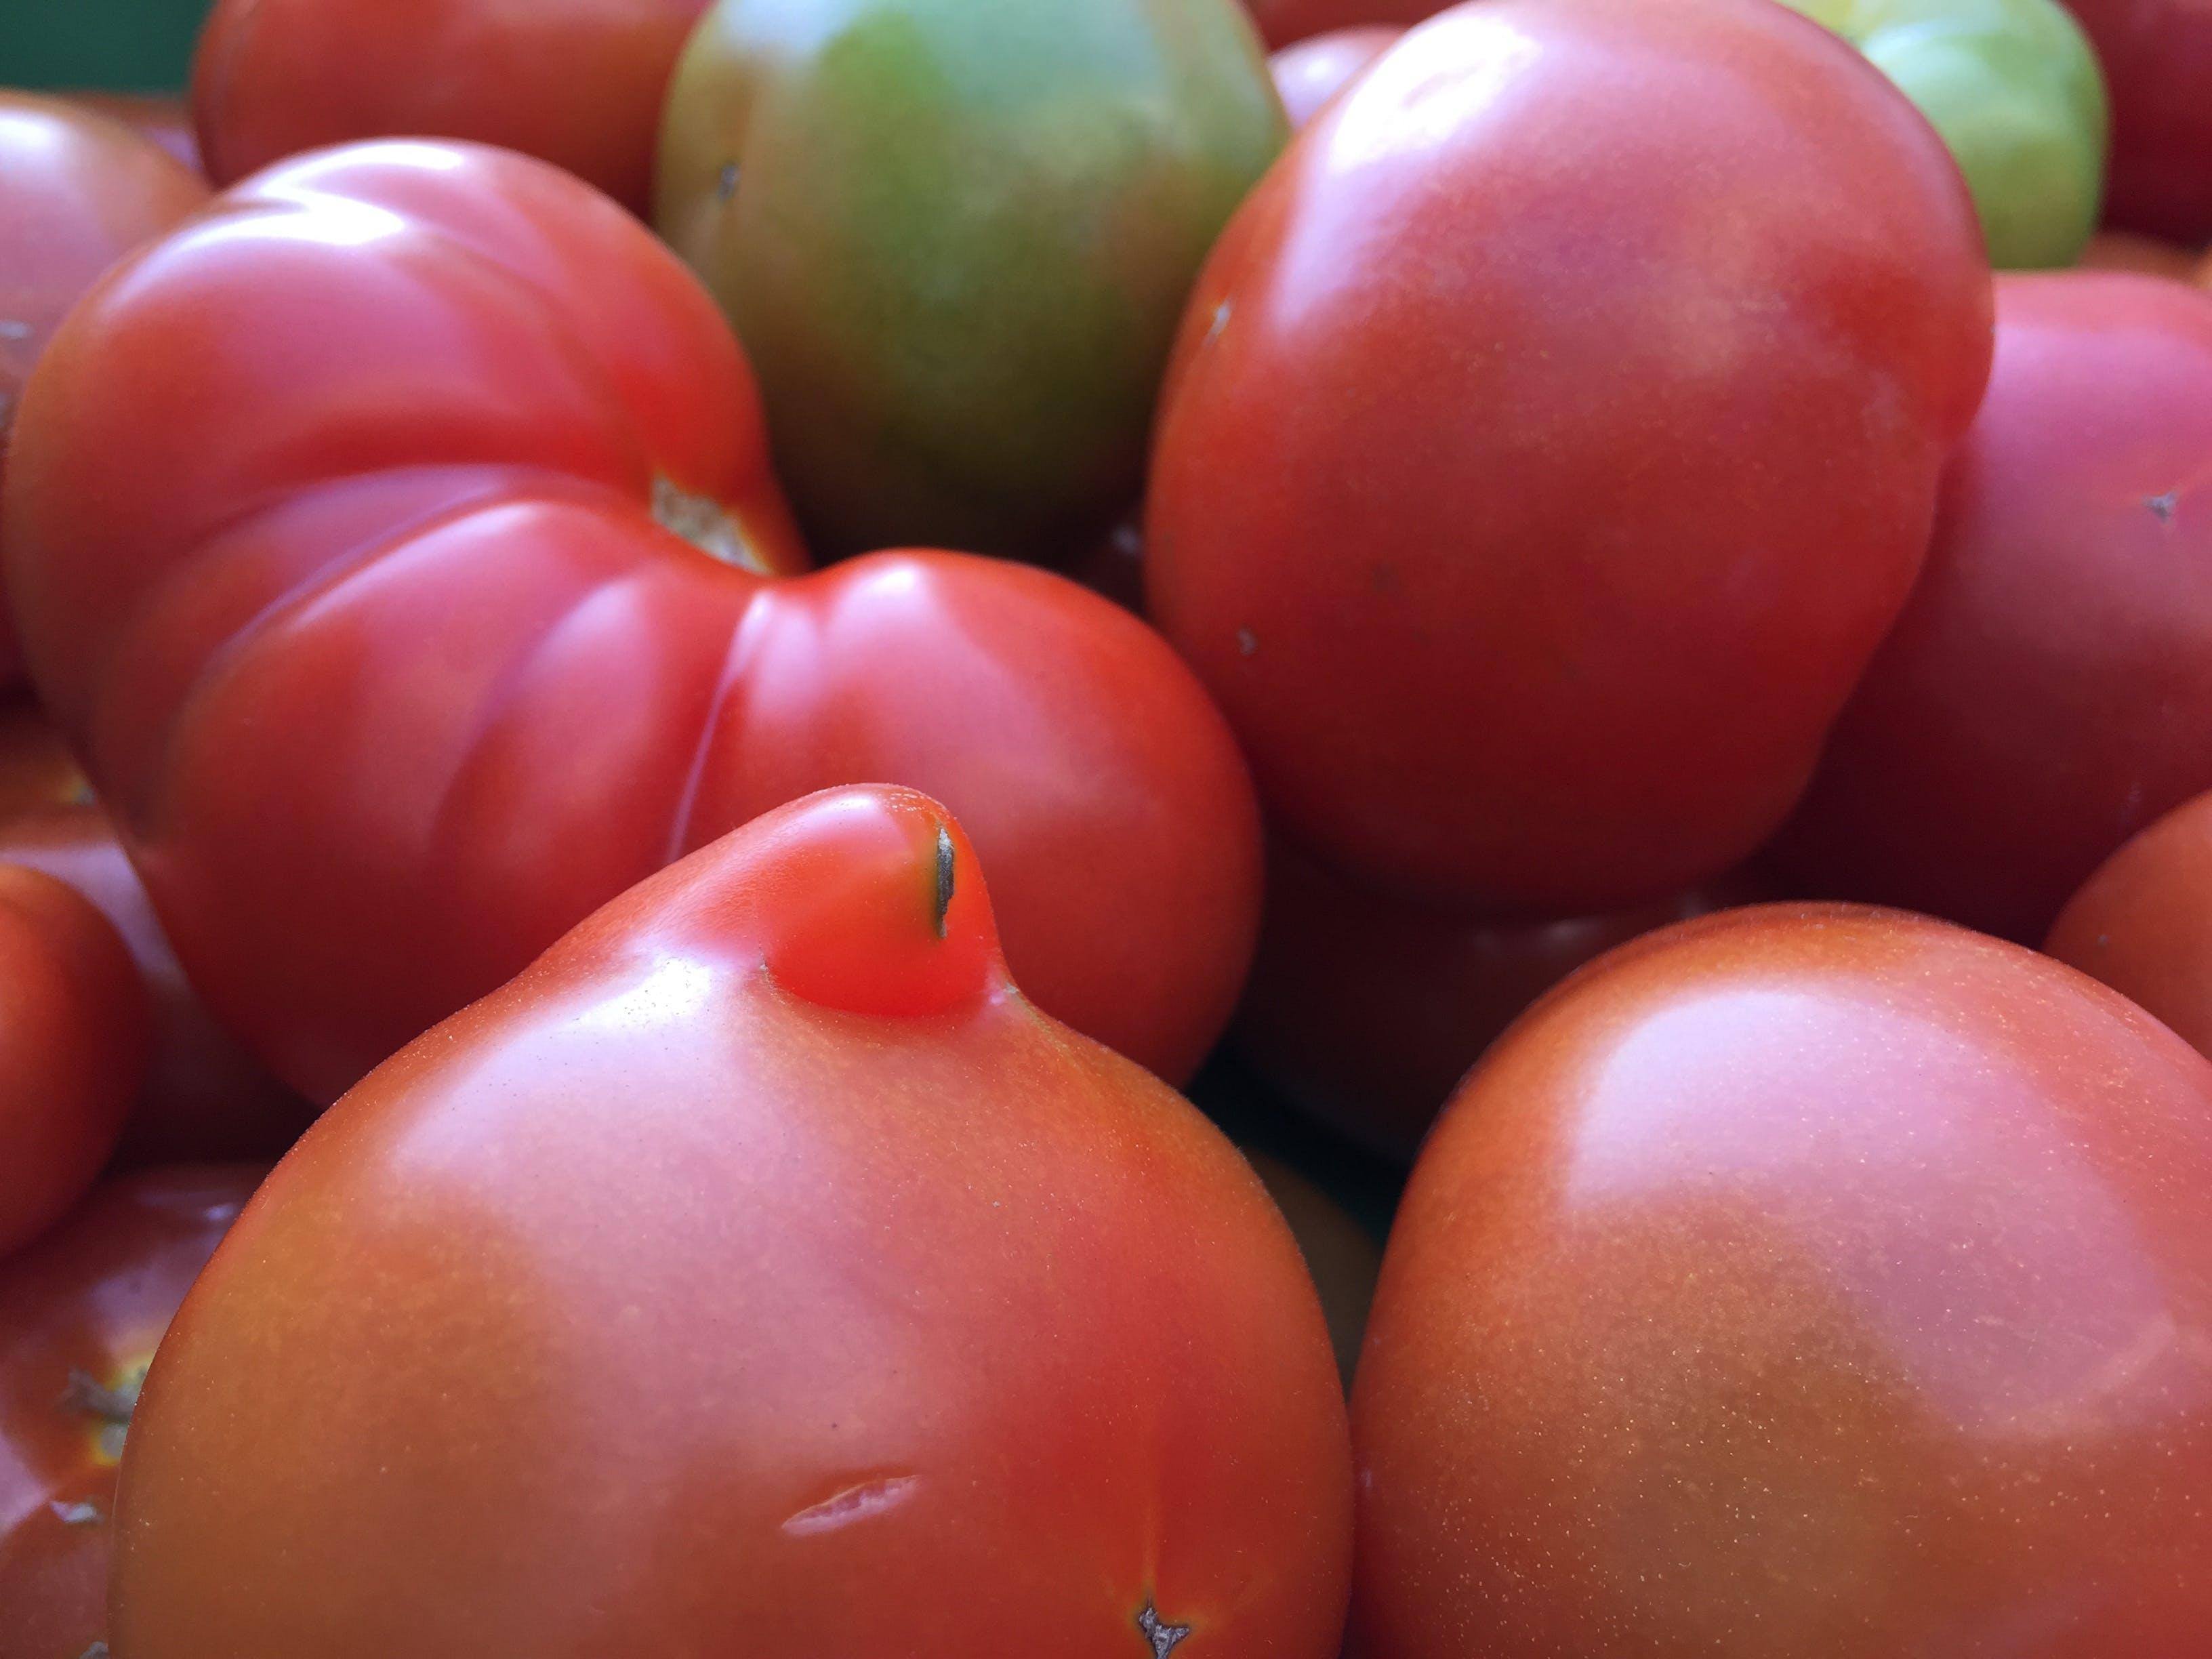 Grøntsager der er skæve, krumme eller sjove i størrelsen kan nu ende i supermarkedernes frugt og grønt-afdeling i stedet for landmandens affaldscontainer. Foto: Alfred Pedersen & Søn.